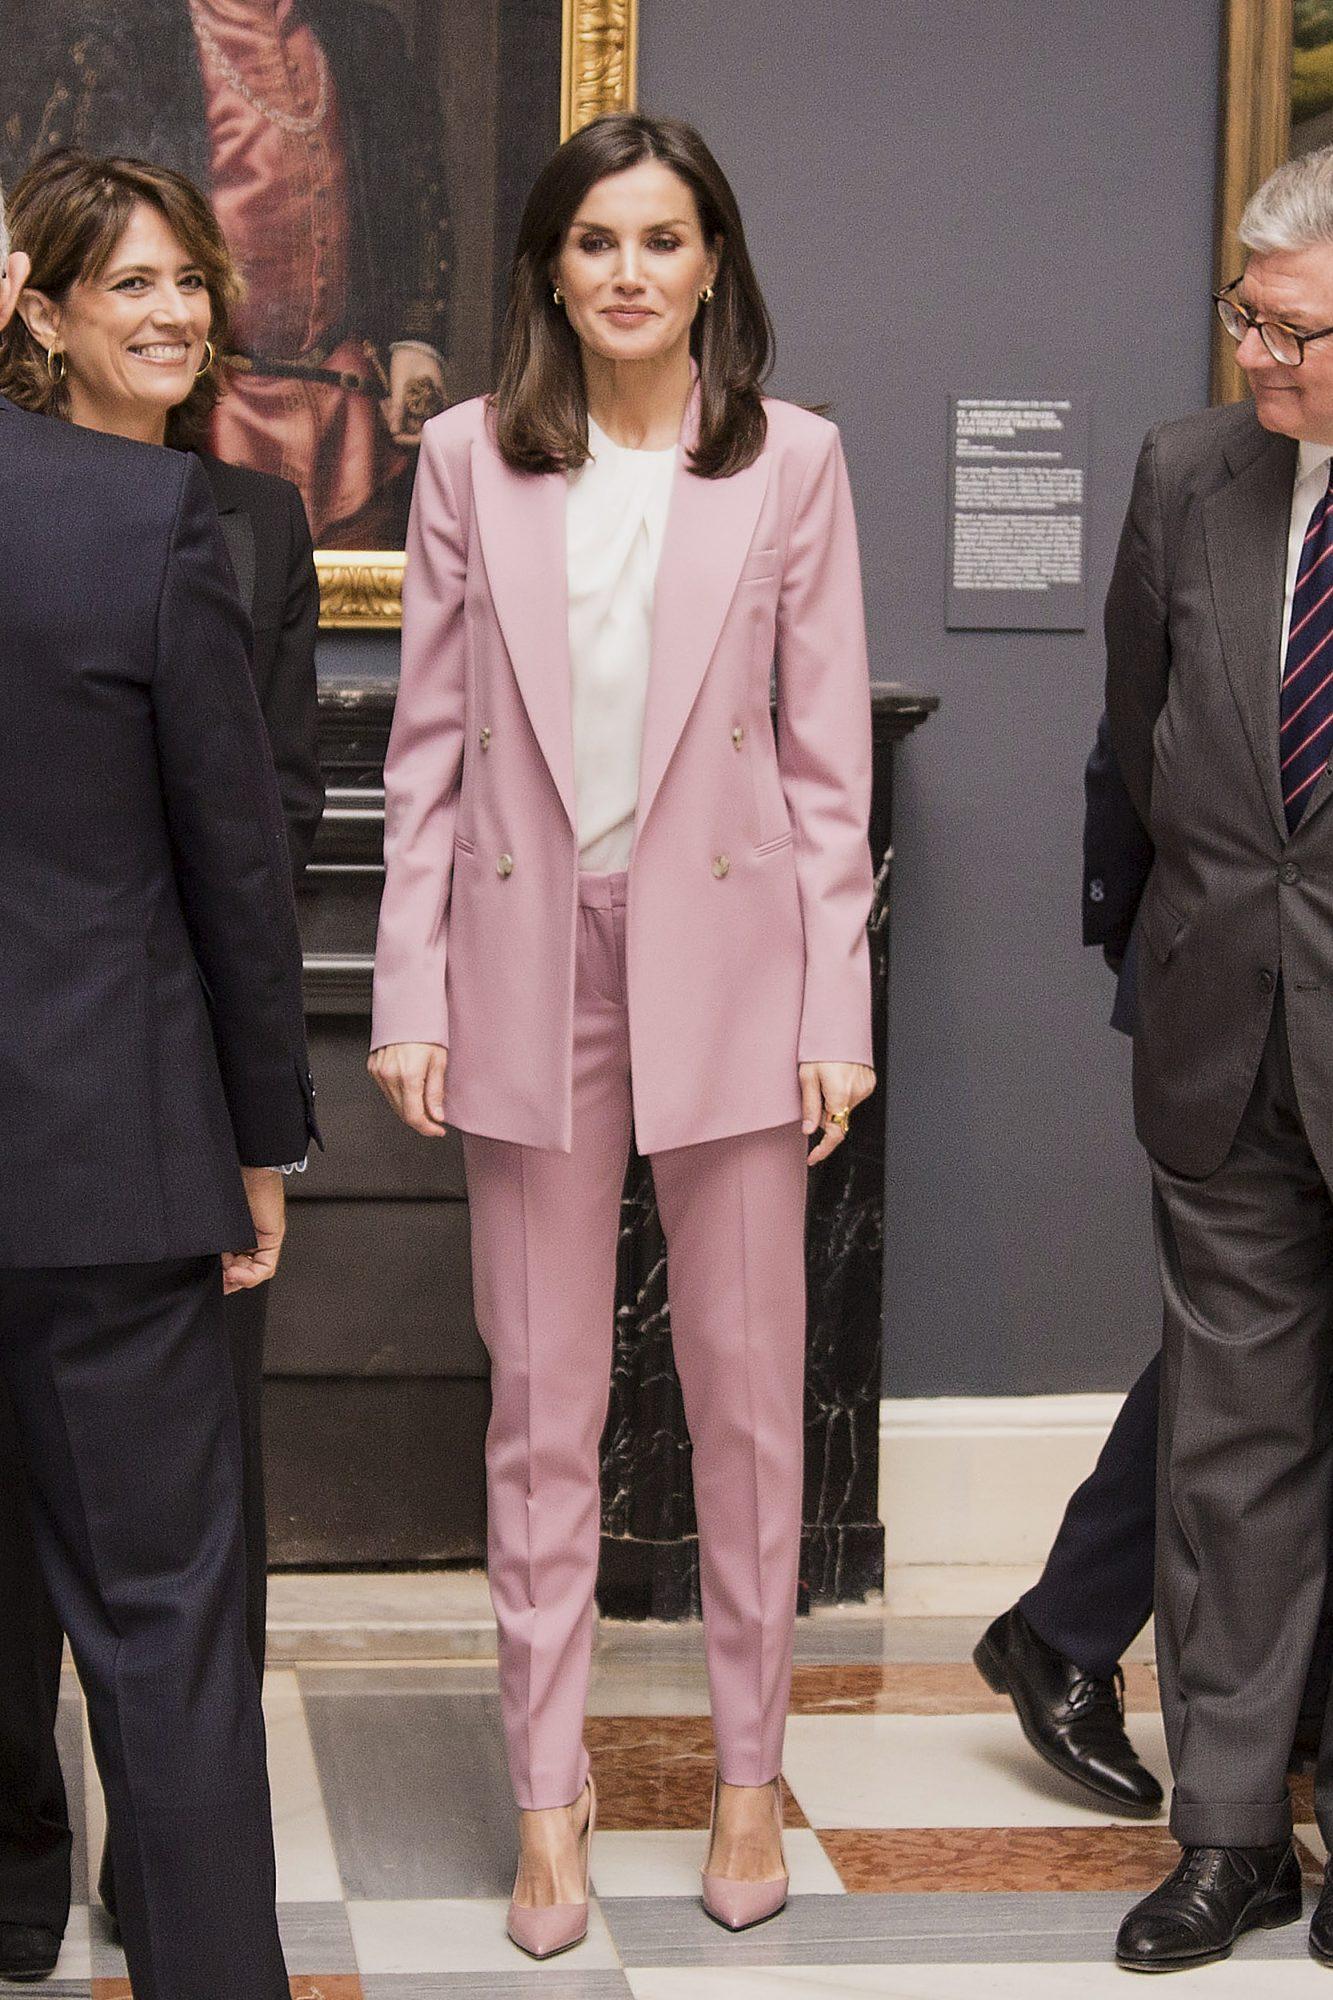 reina Letizia, moda, tendencias, traje, traje rosa